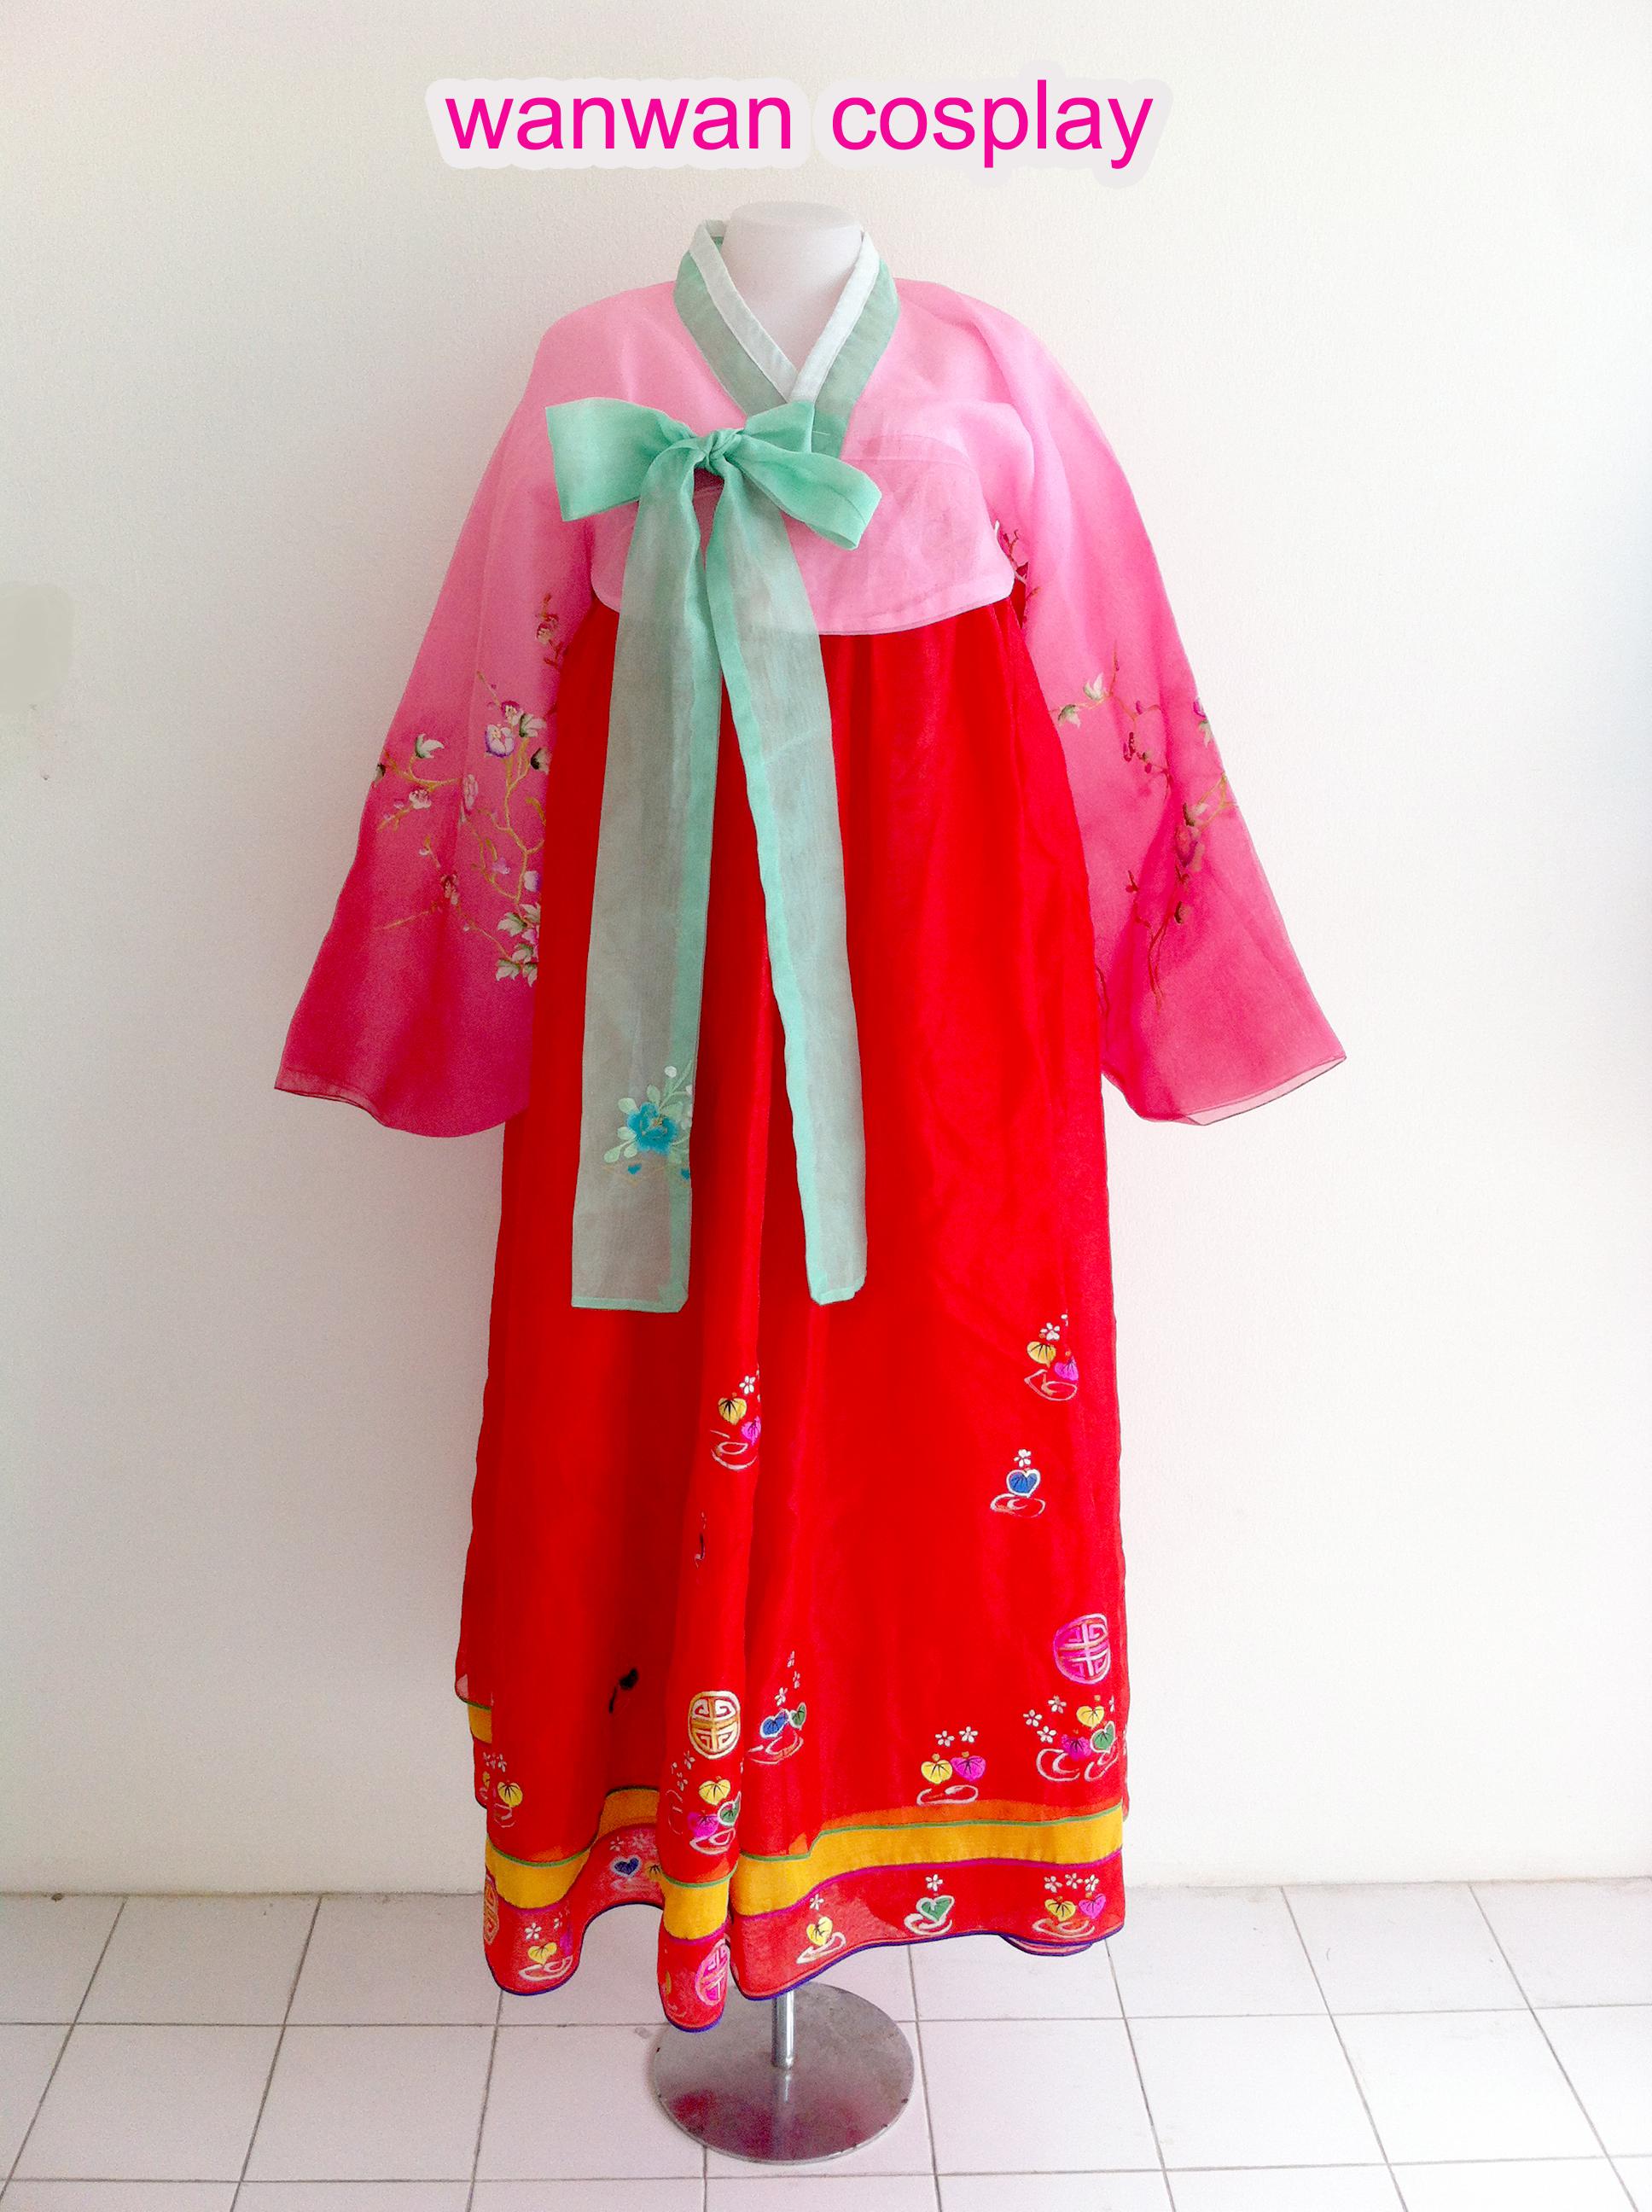 เช่าชุดฮันบก ชุดเกาหลี ชุดแดจังกึม ชุดญี่ปุ่น ชุดกิโมโน ยูกาตะ ชุดจีน-กี่เพ้า ชุดประจำชาติ 094-920-9400 , 094-920-9402